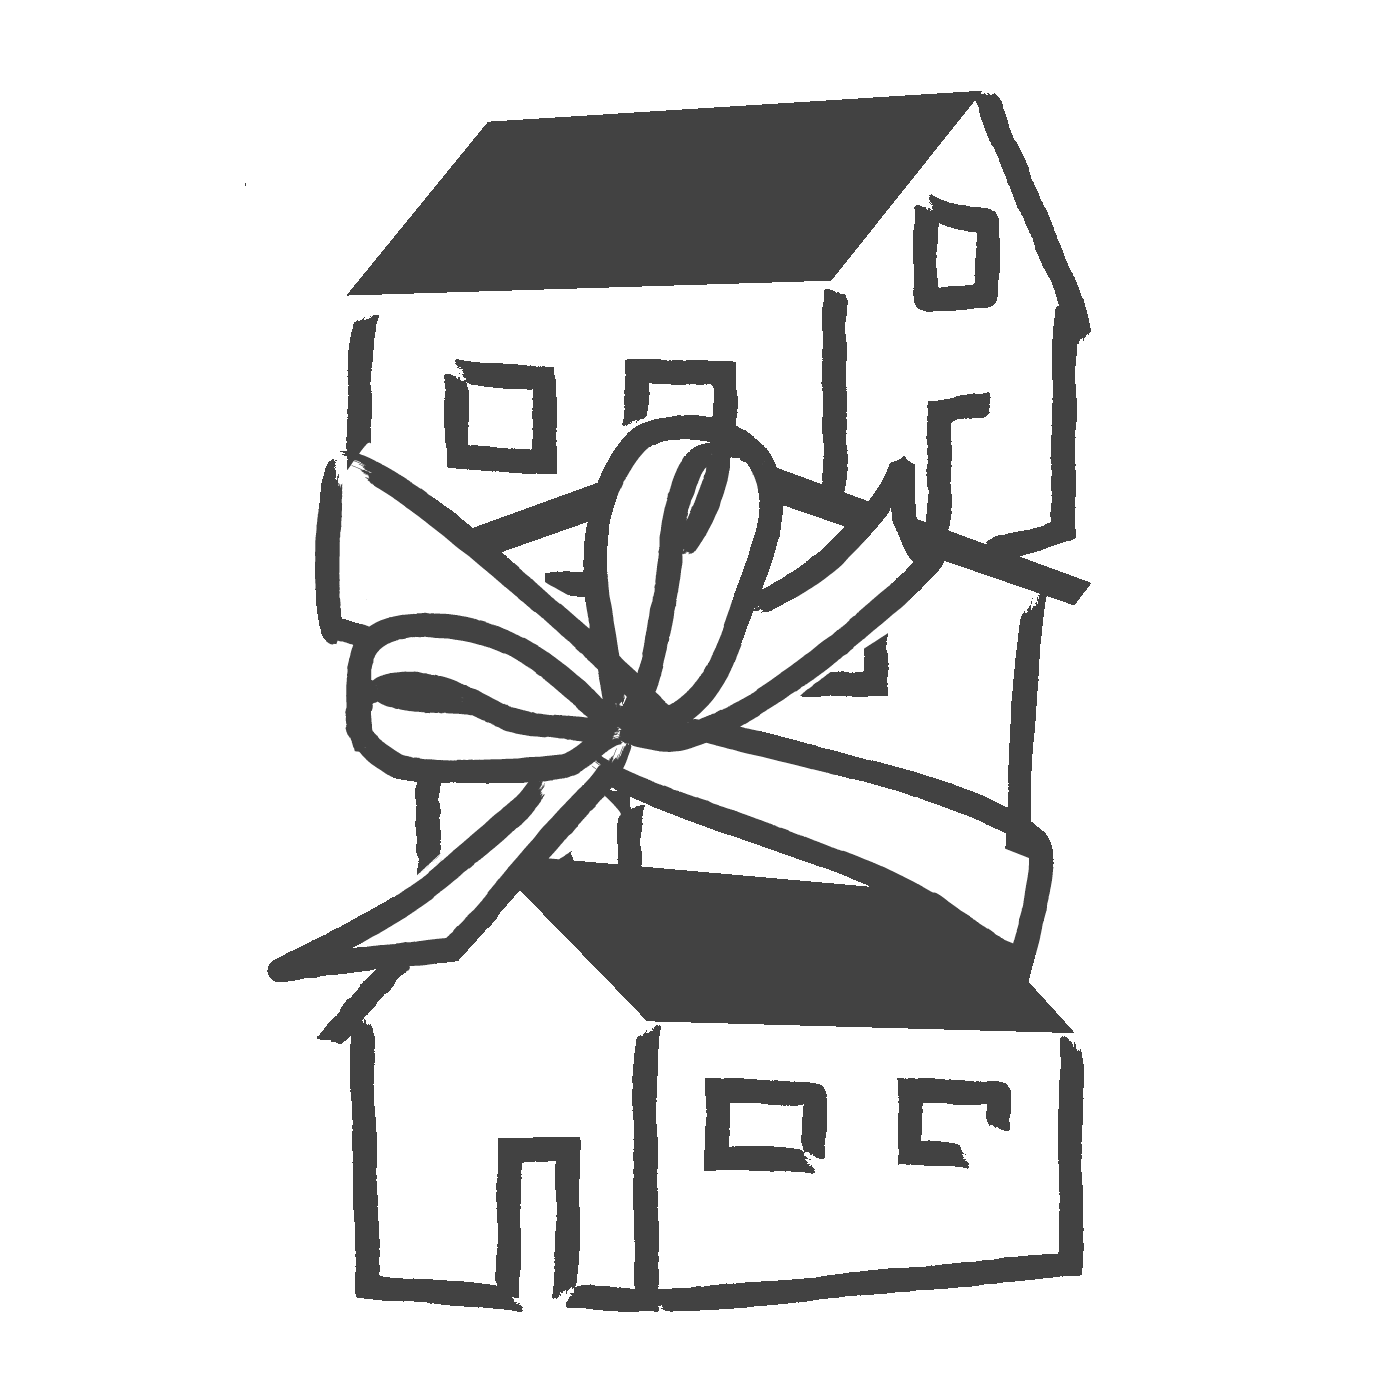 Das Wohnpaket